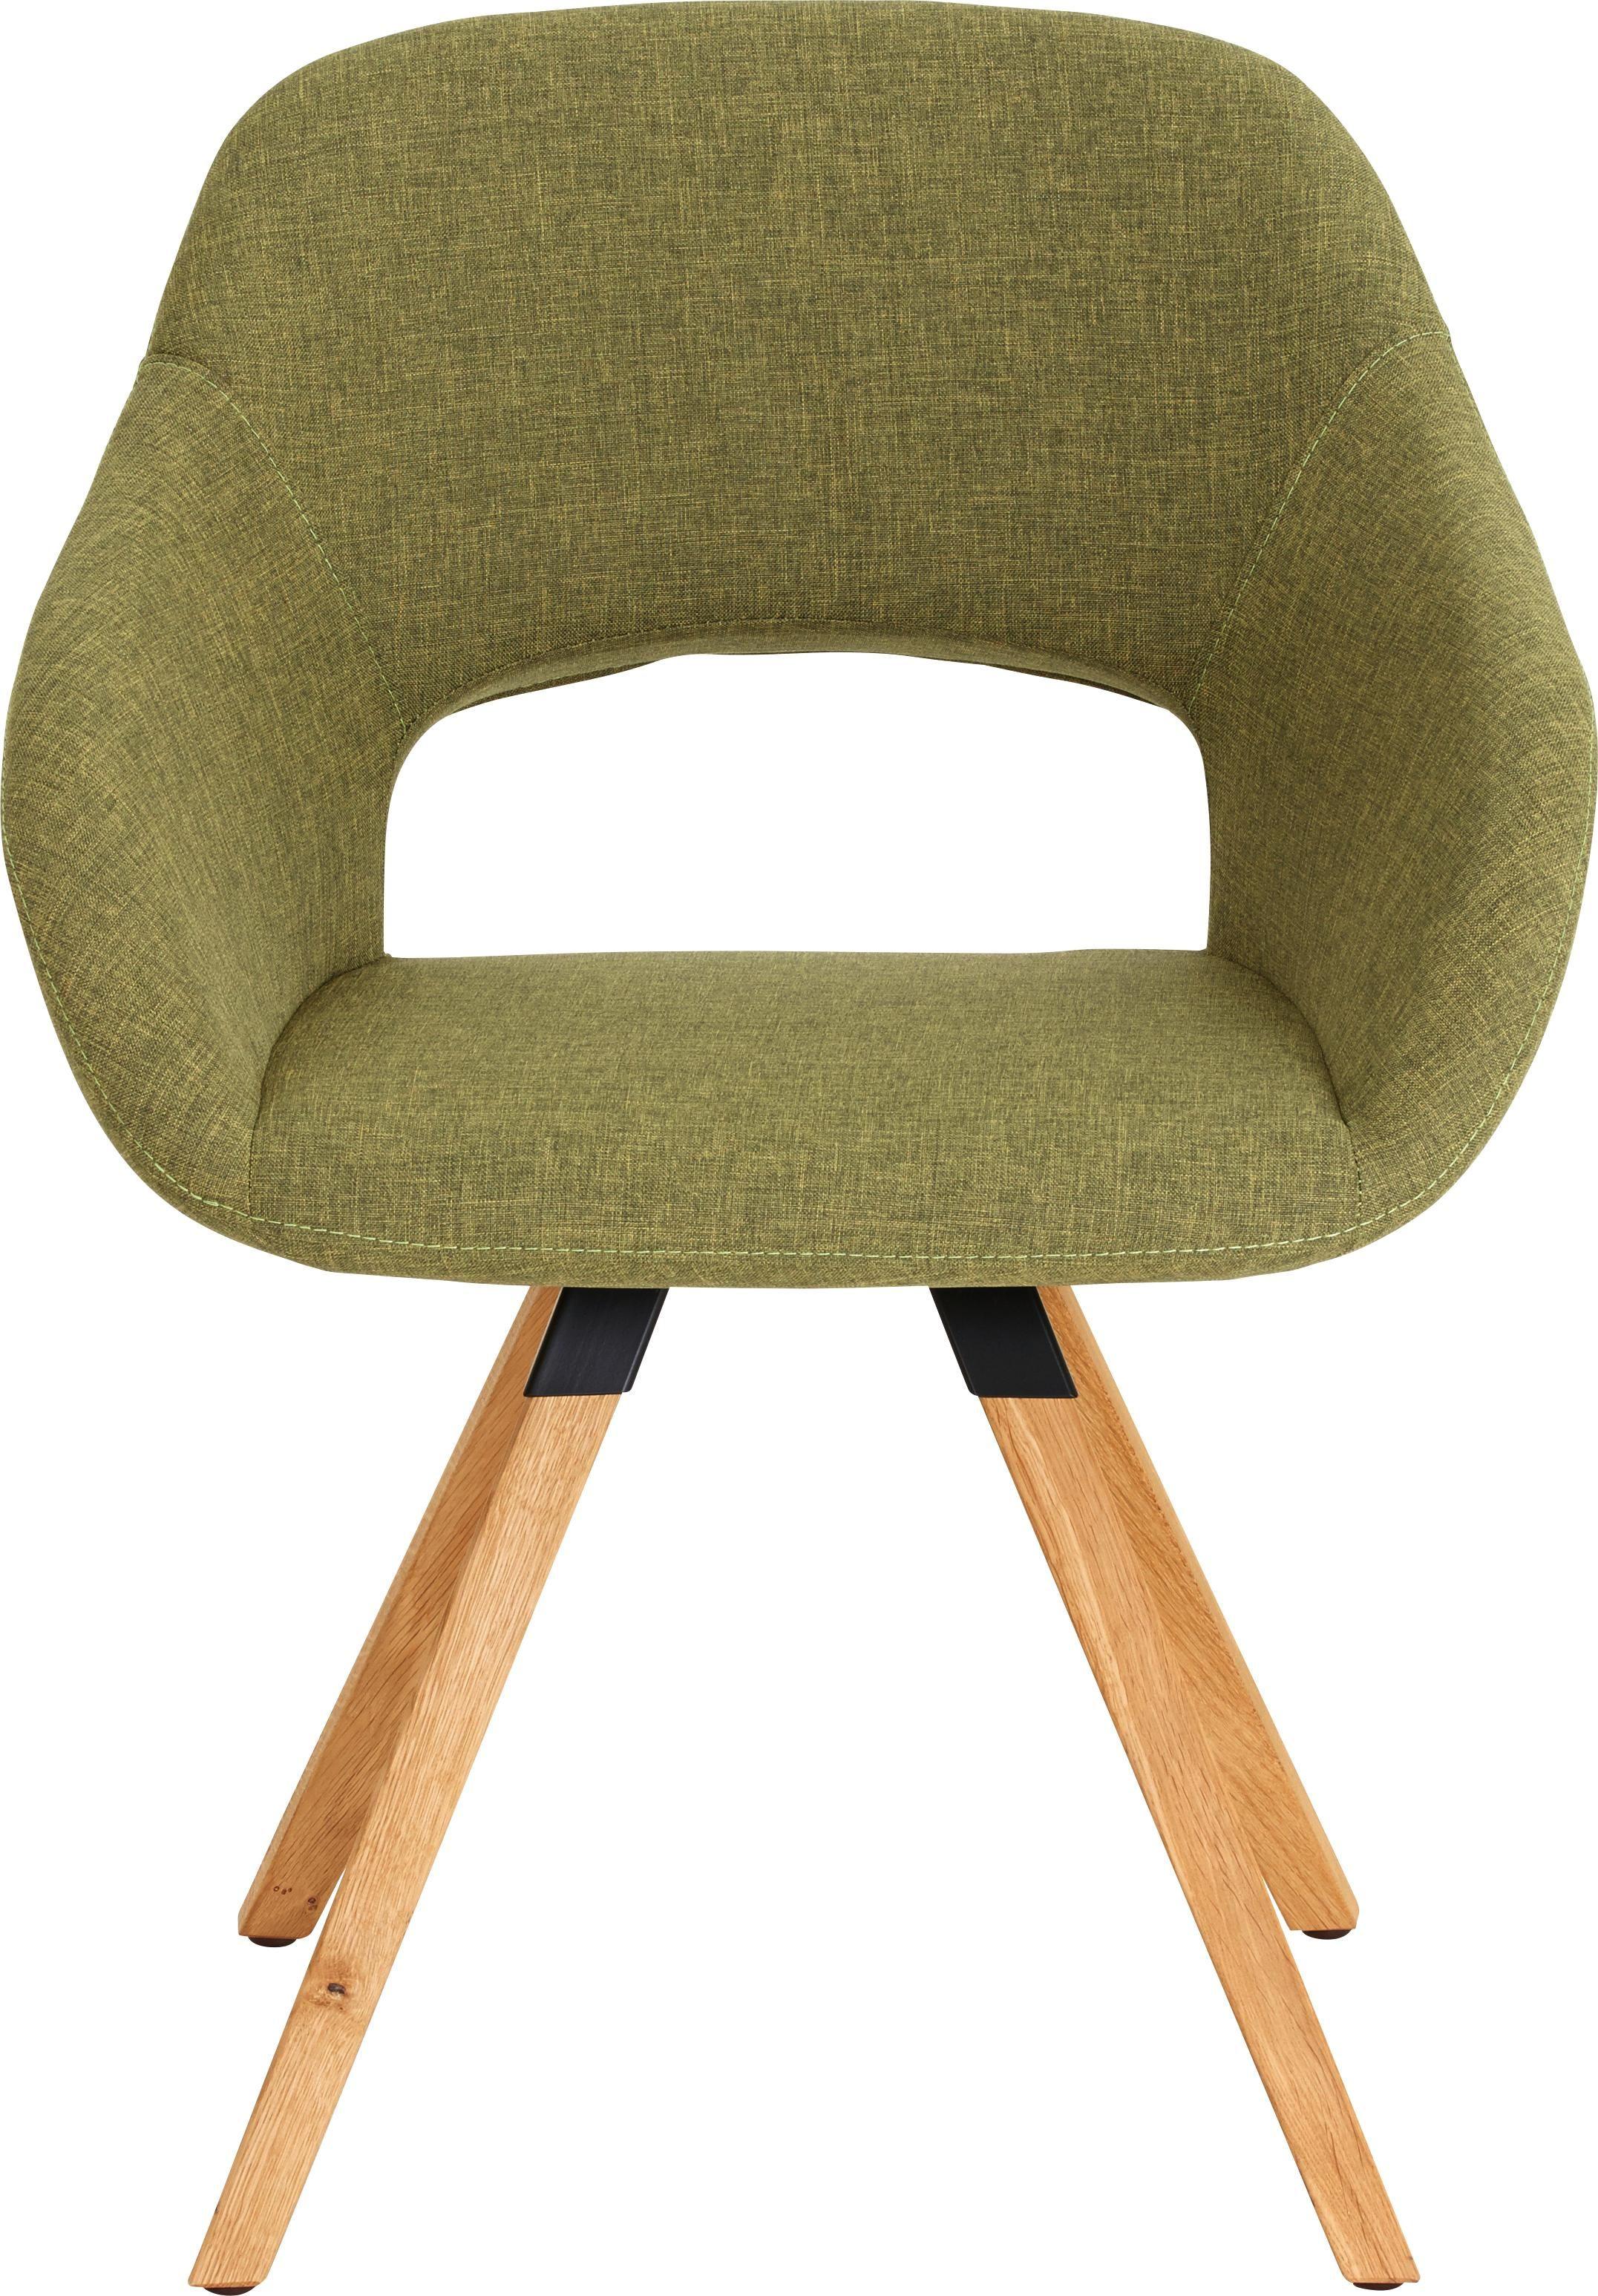 dieser stuhl aus dem hause dieter knoll ist definitiv ein blickfang die eierschalenf rmige. Black Bedroom Furniture Sets. Home Design Ideas